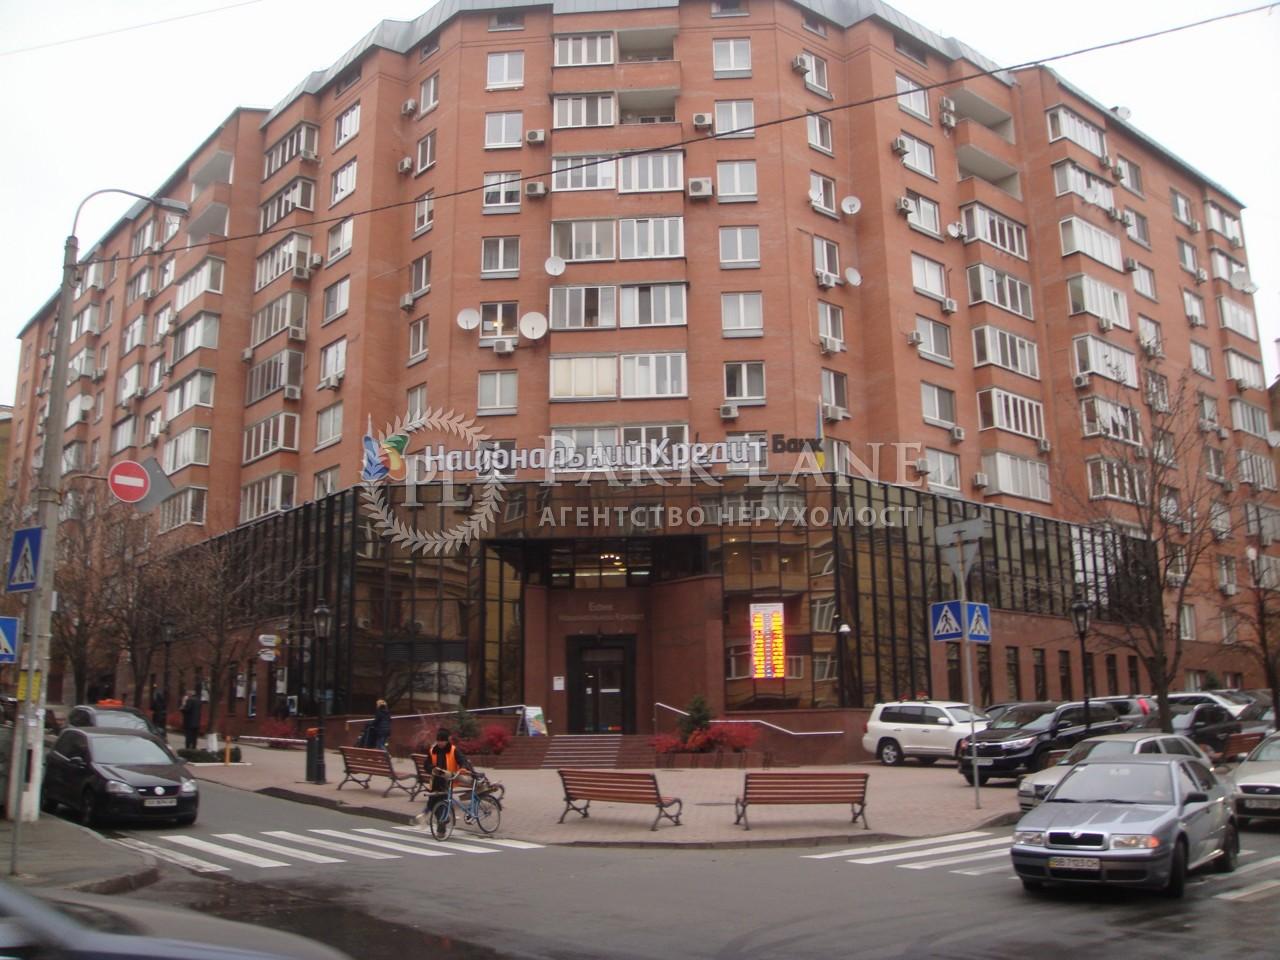 Нежилое помещение, ул. Тургеневская, Киев, B-91761 - Фото 5